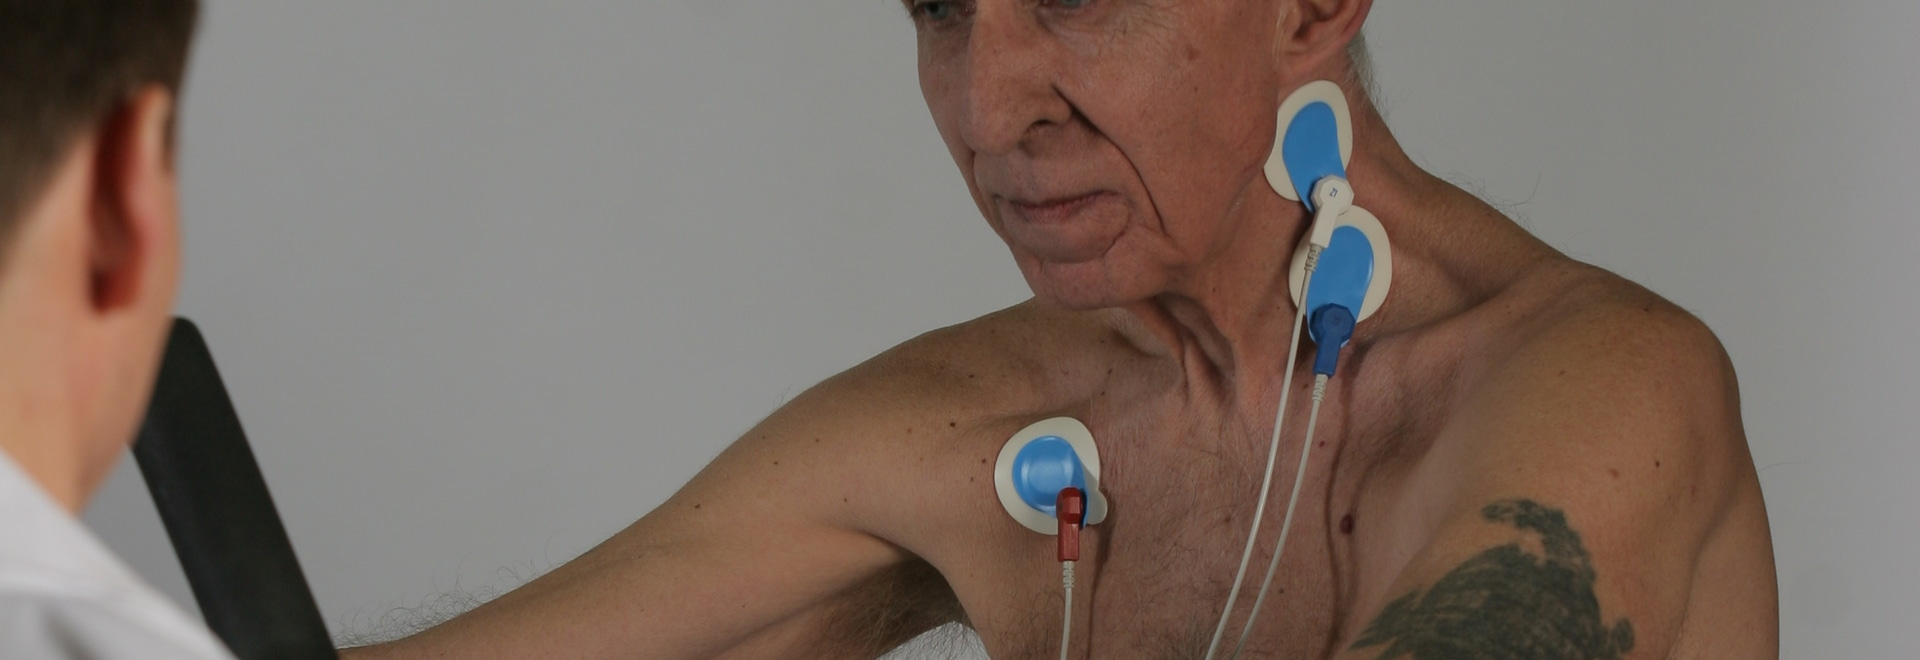 Un patient atteint d'une maladie pulmonaire en cours de réadaptation